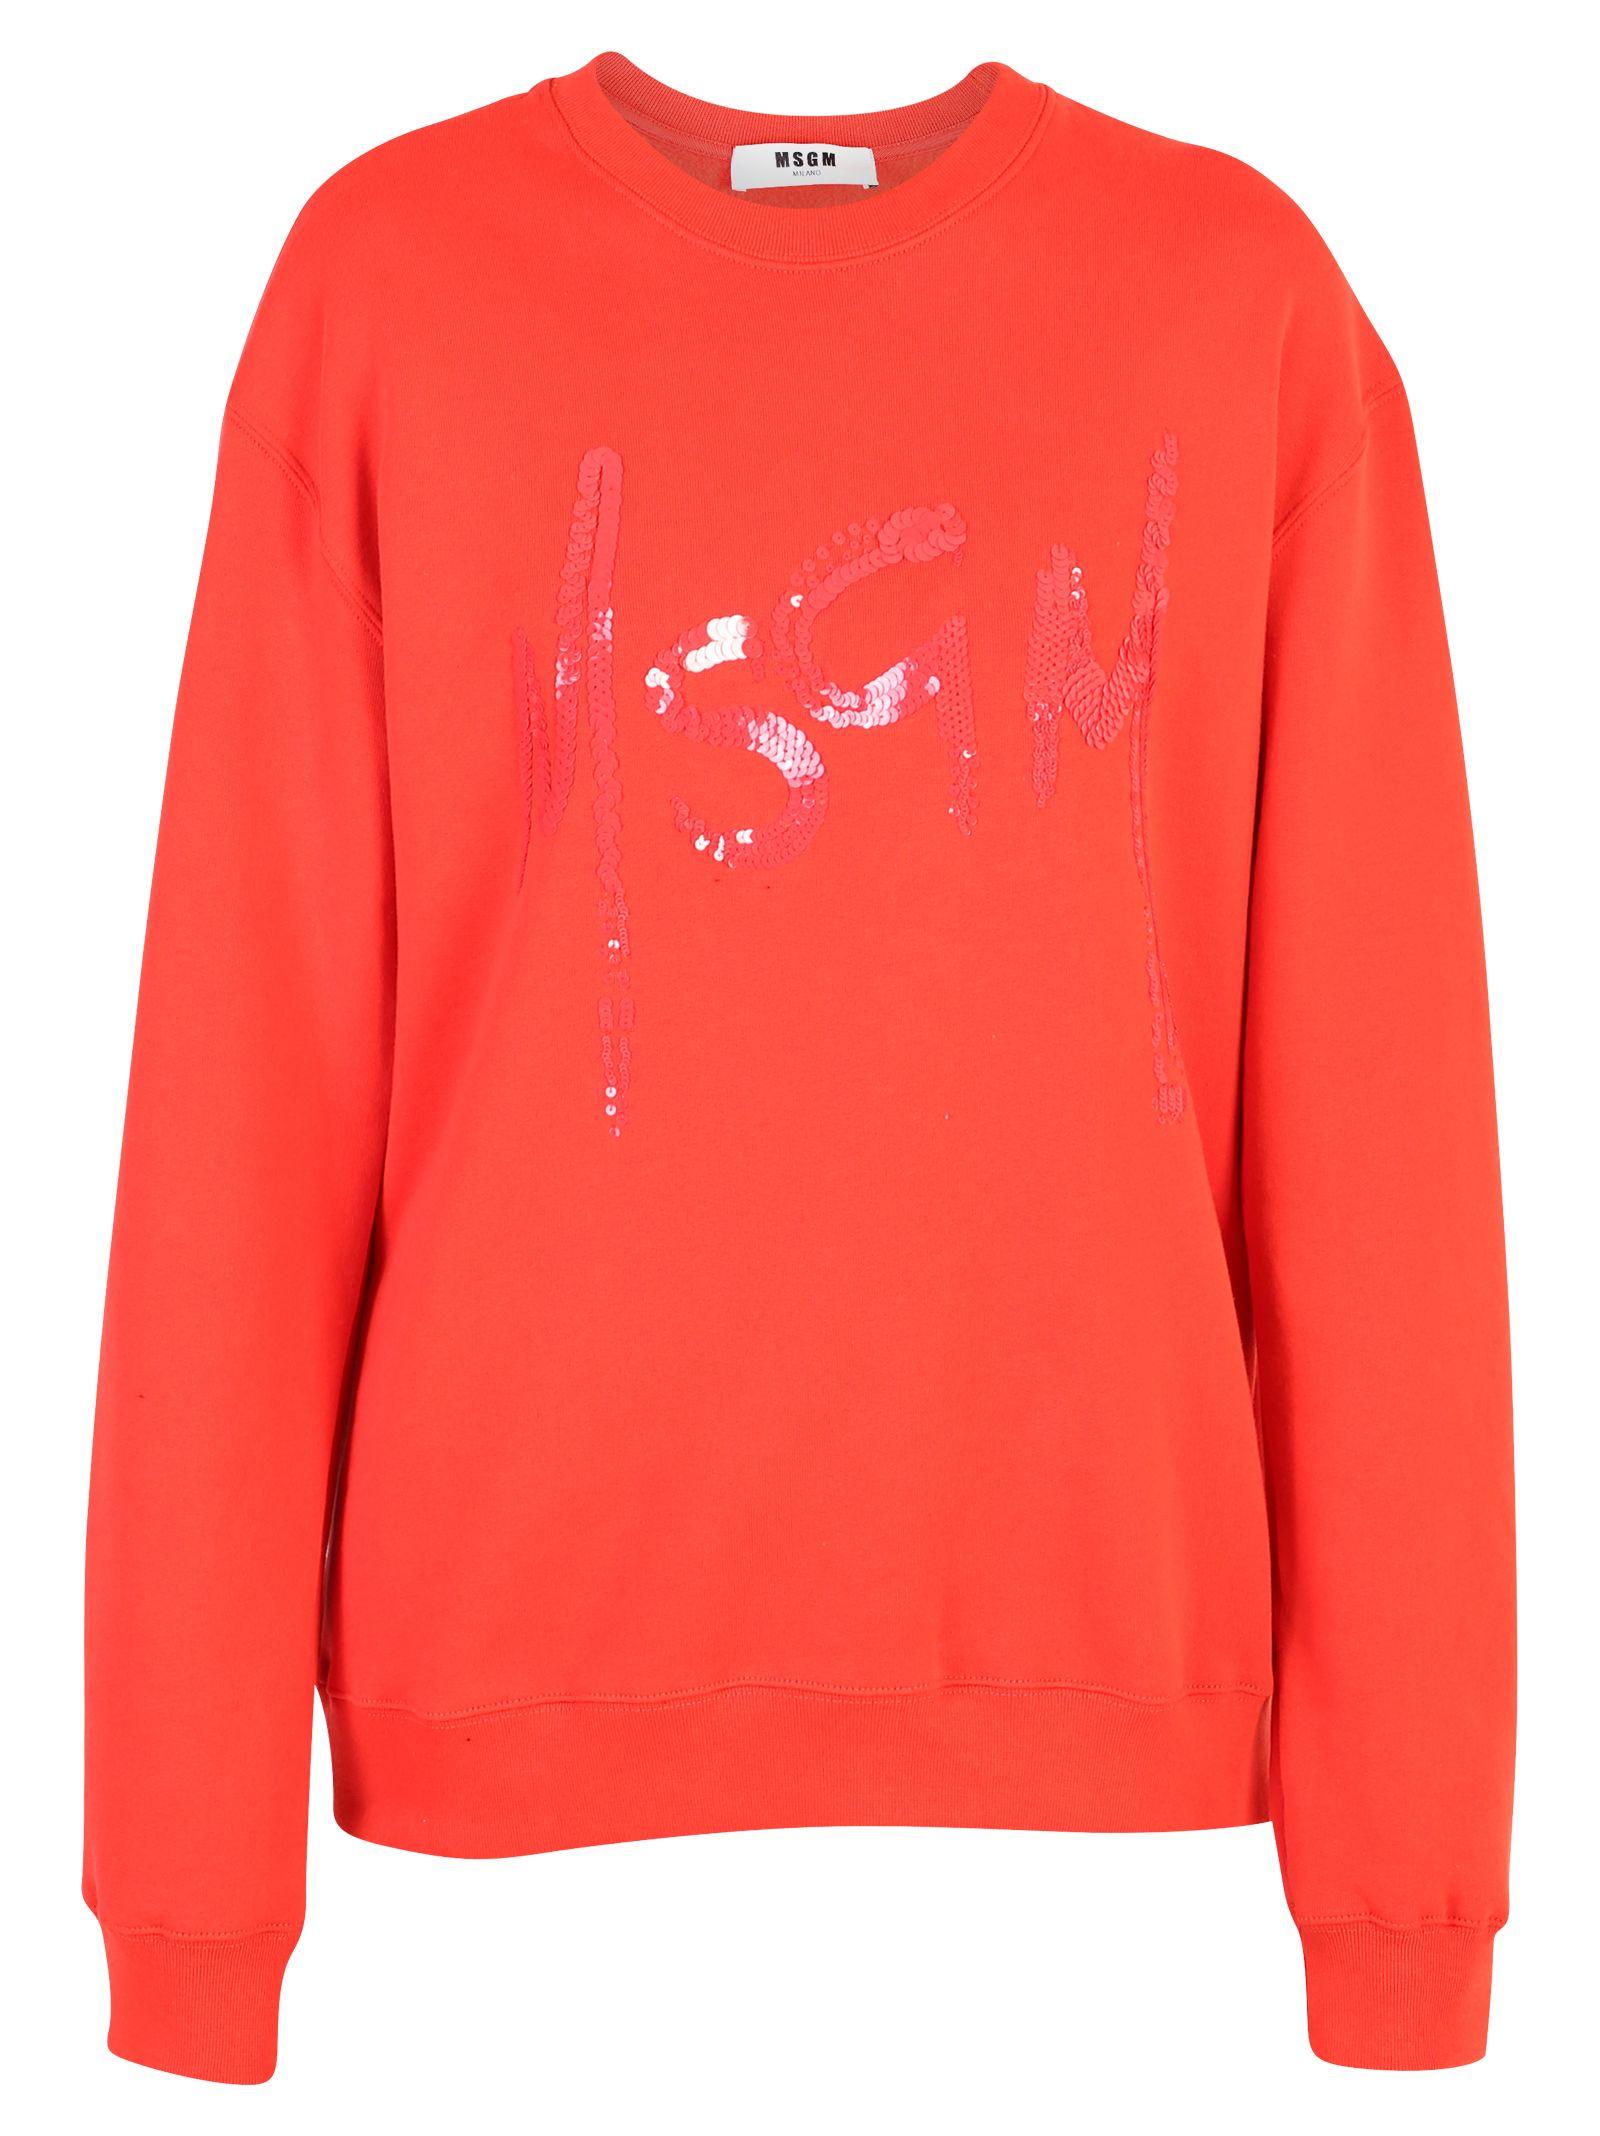 MSGM Orange Shiny Detailed Sweatshirt